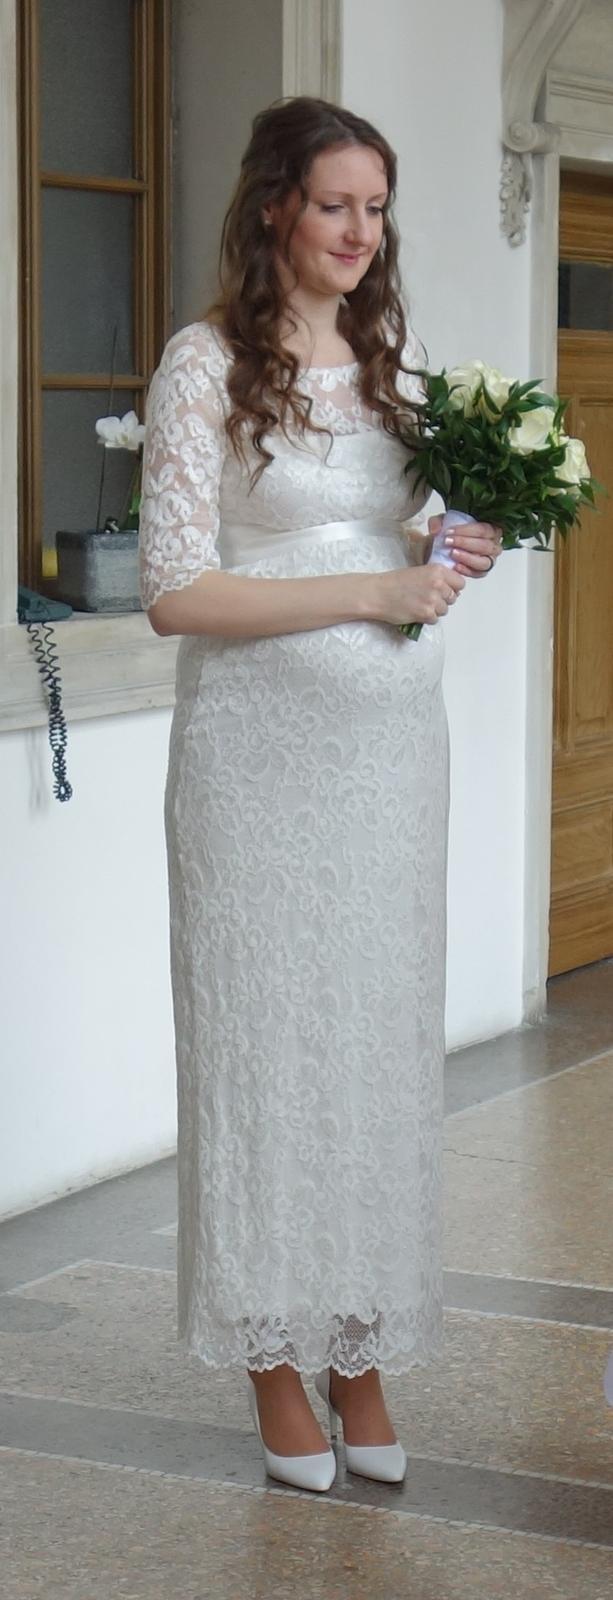 Těhotenské svatební šaty Tiffany Rose - 38/40 - Obrázek č. 2